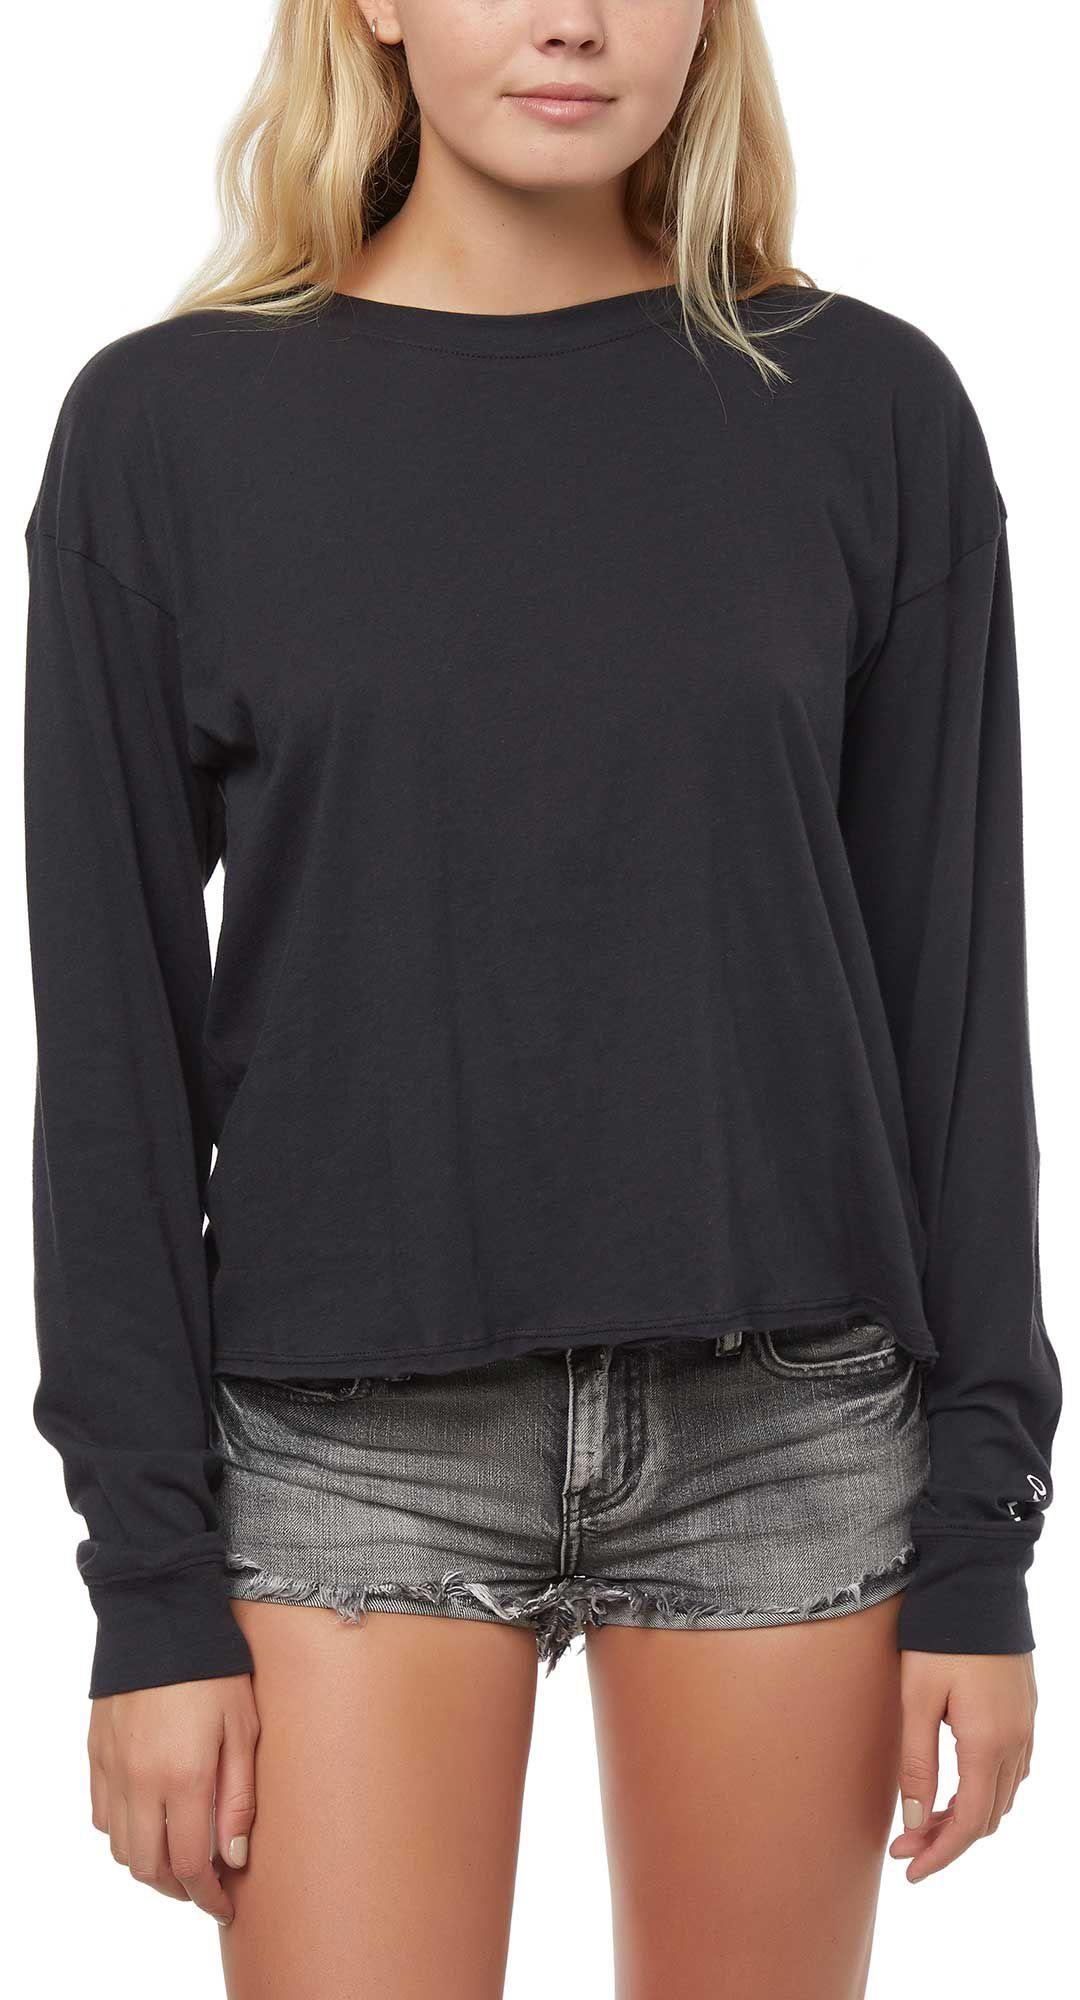 e66d8590 O'Neill Women's Chalk Long Sleeve T-Shirt